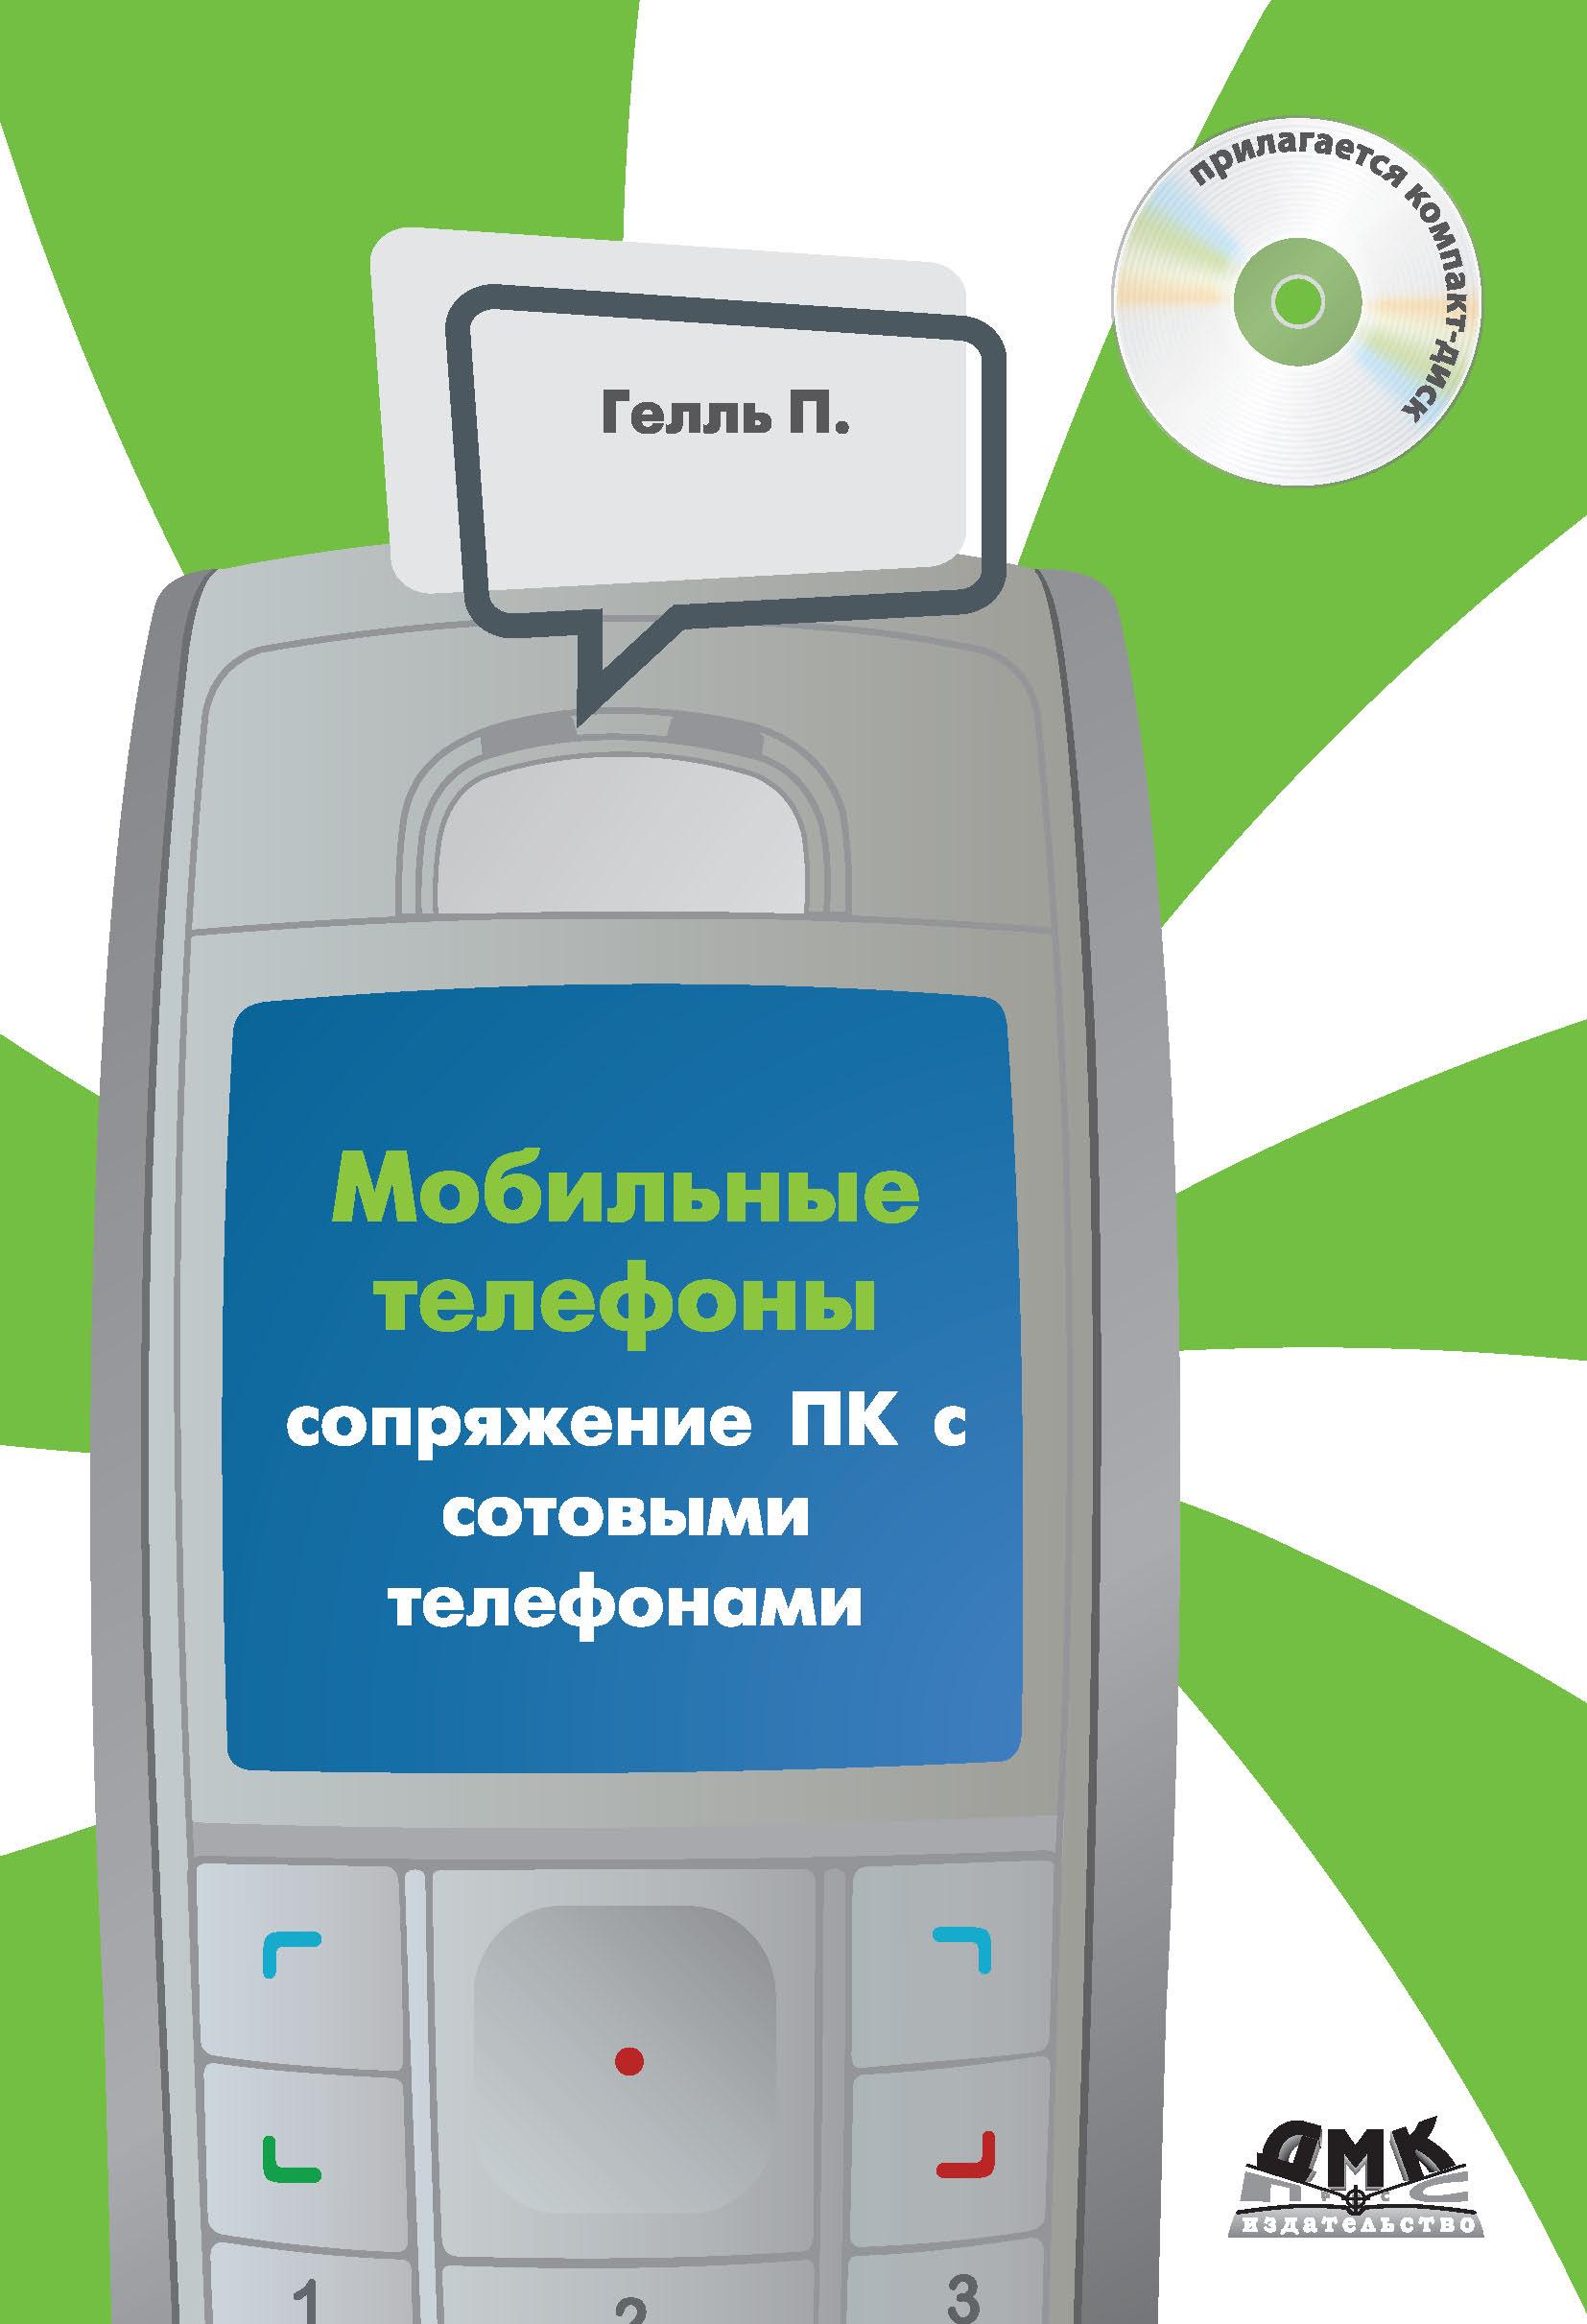 Купить книгу Сопряжение ПК с сотовыми телефонами, автора Патрика Гёлля